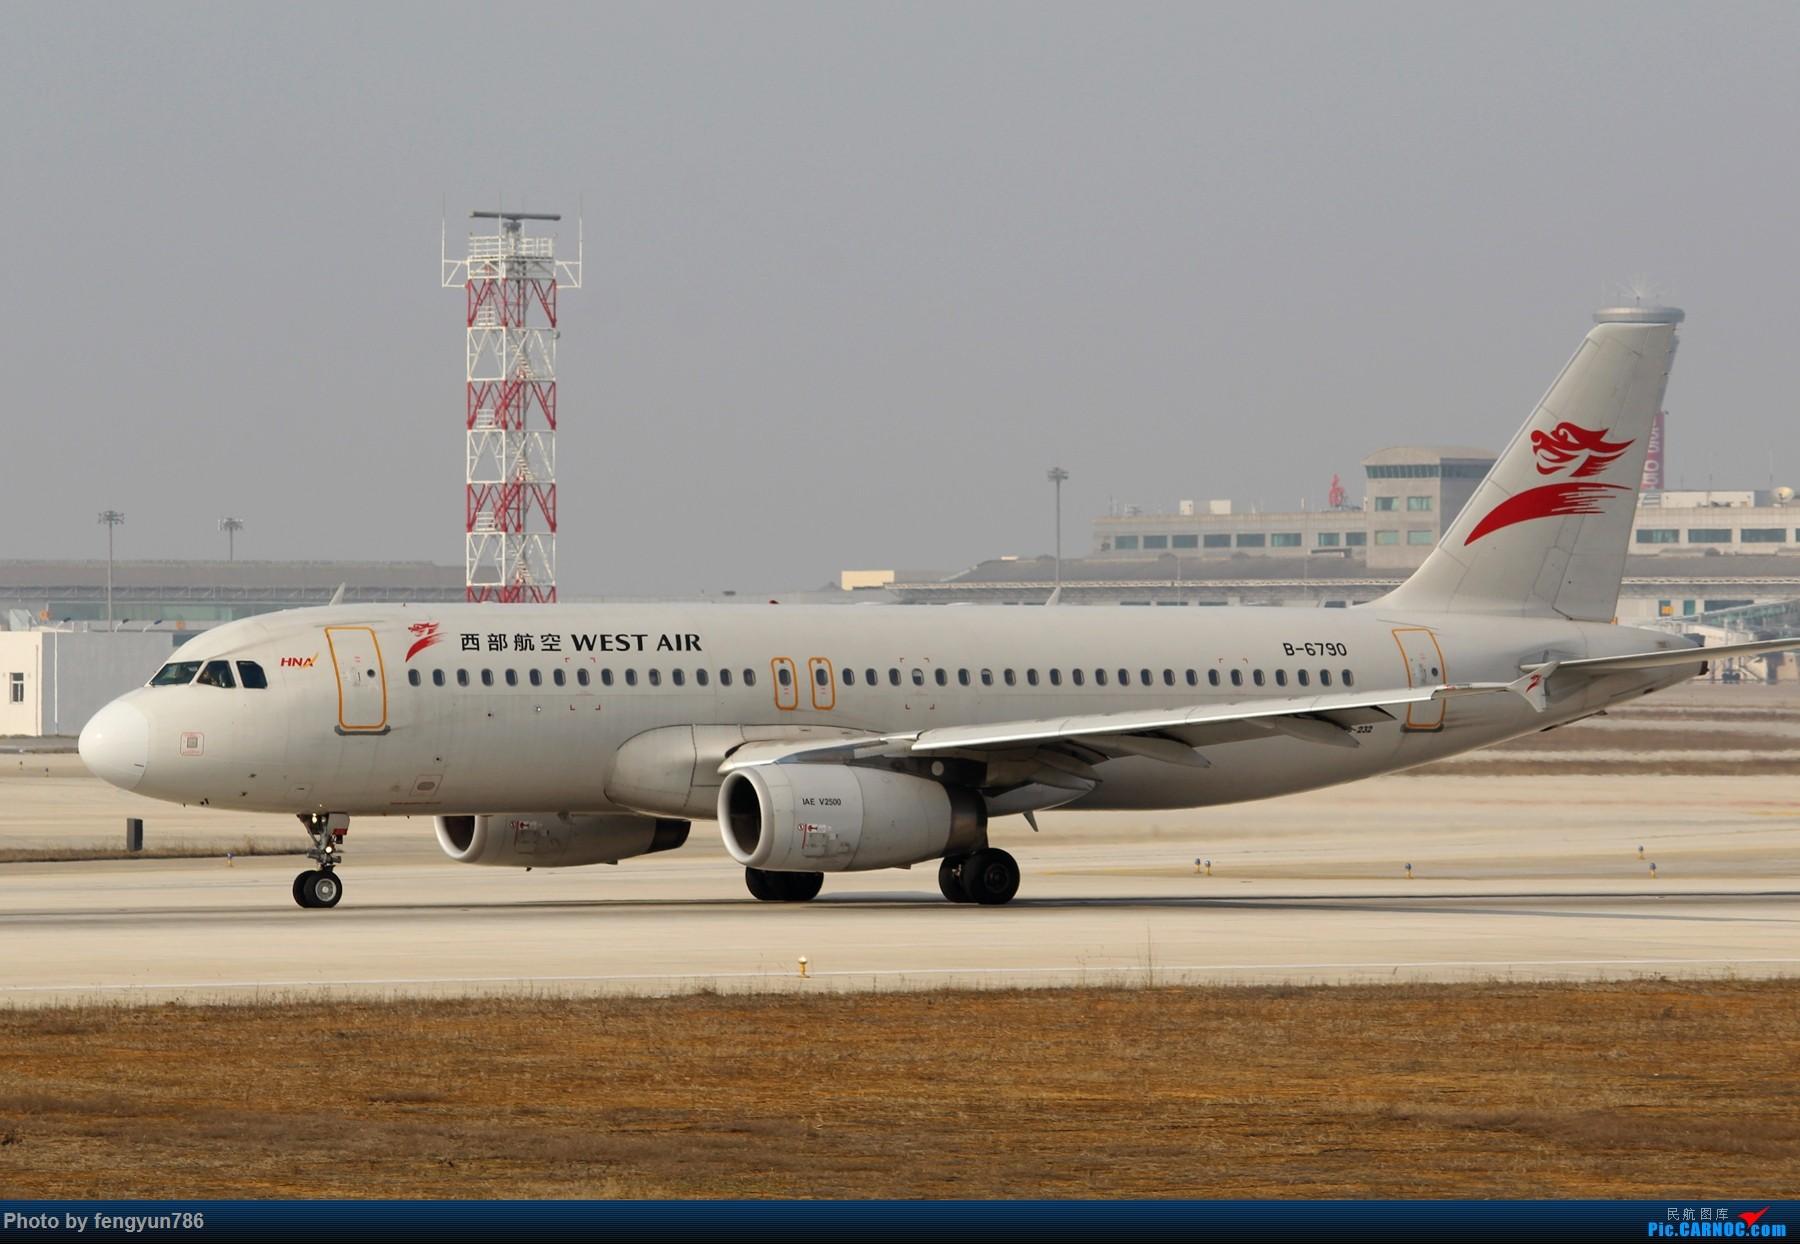 Re:[原创]NKG跑道边两小时,擦烟反推,星星邮戳都有了 AIRBUS A320-200 B-6790 中国南京禄口国际机场